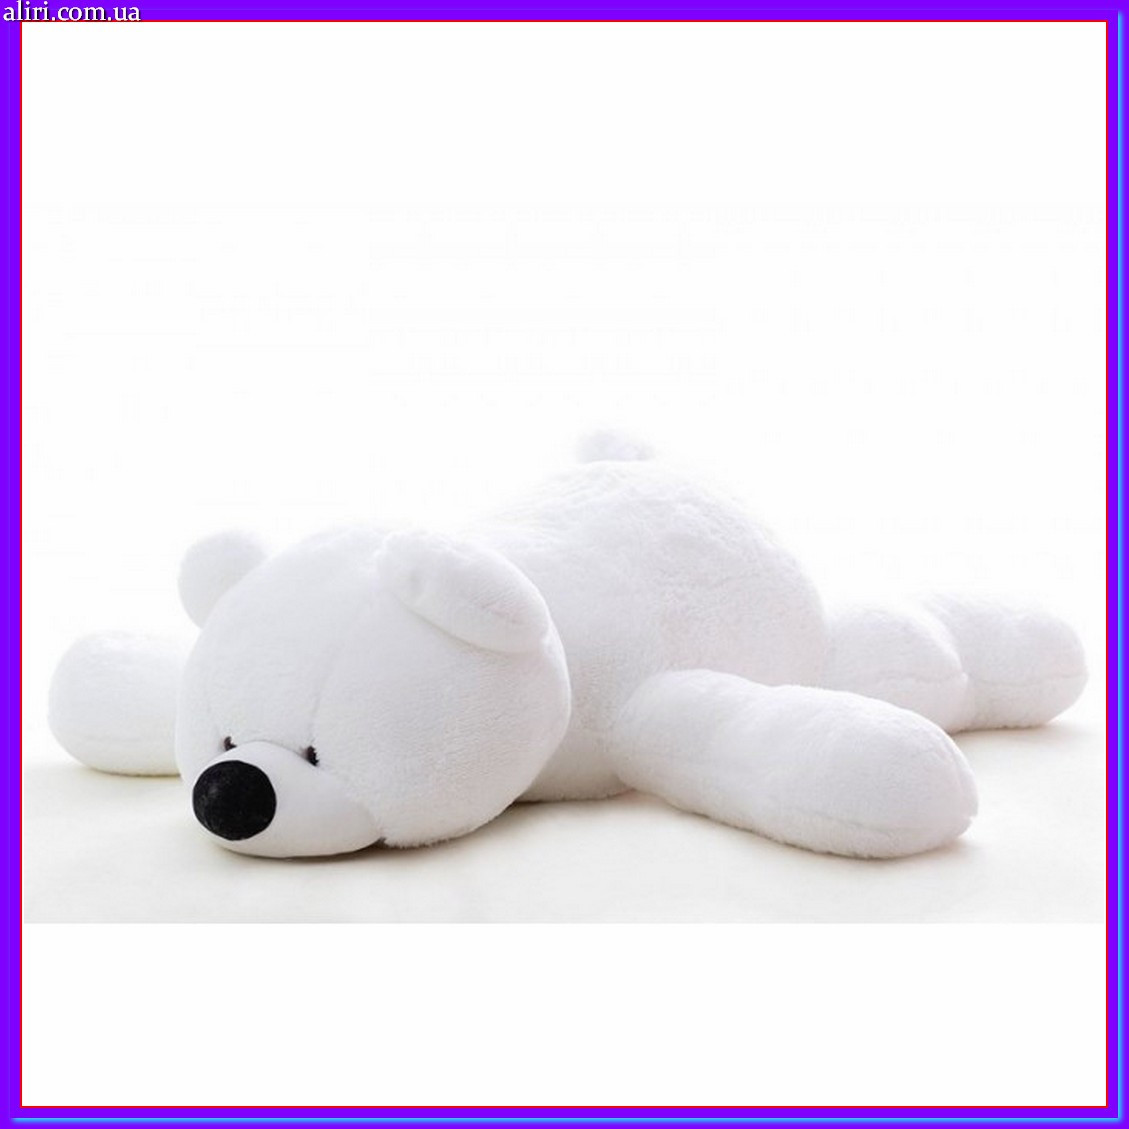 Мишка Тедди 100 см в белом цвете